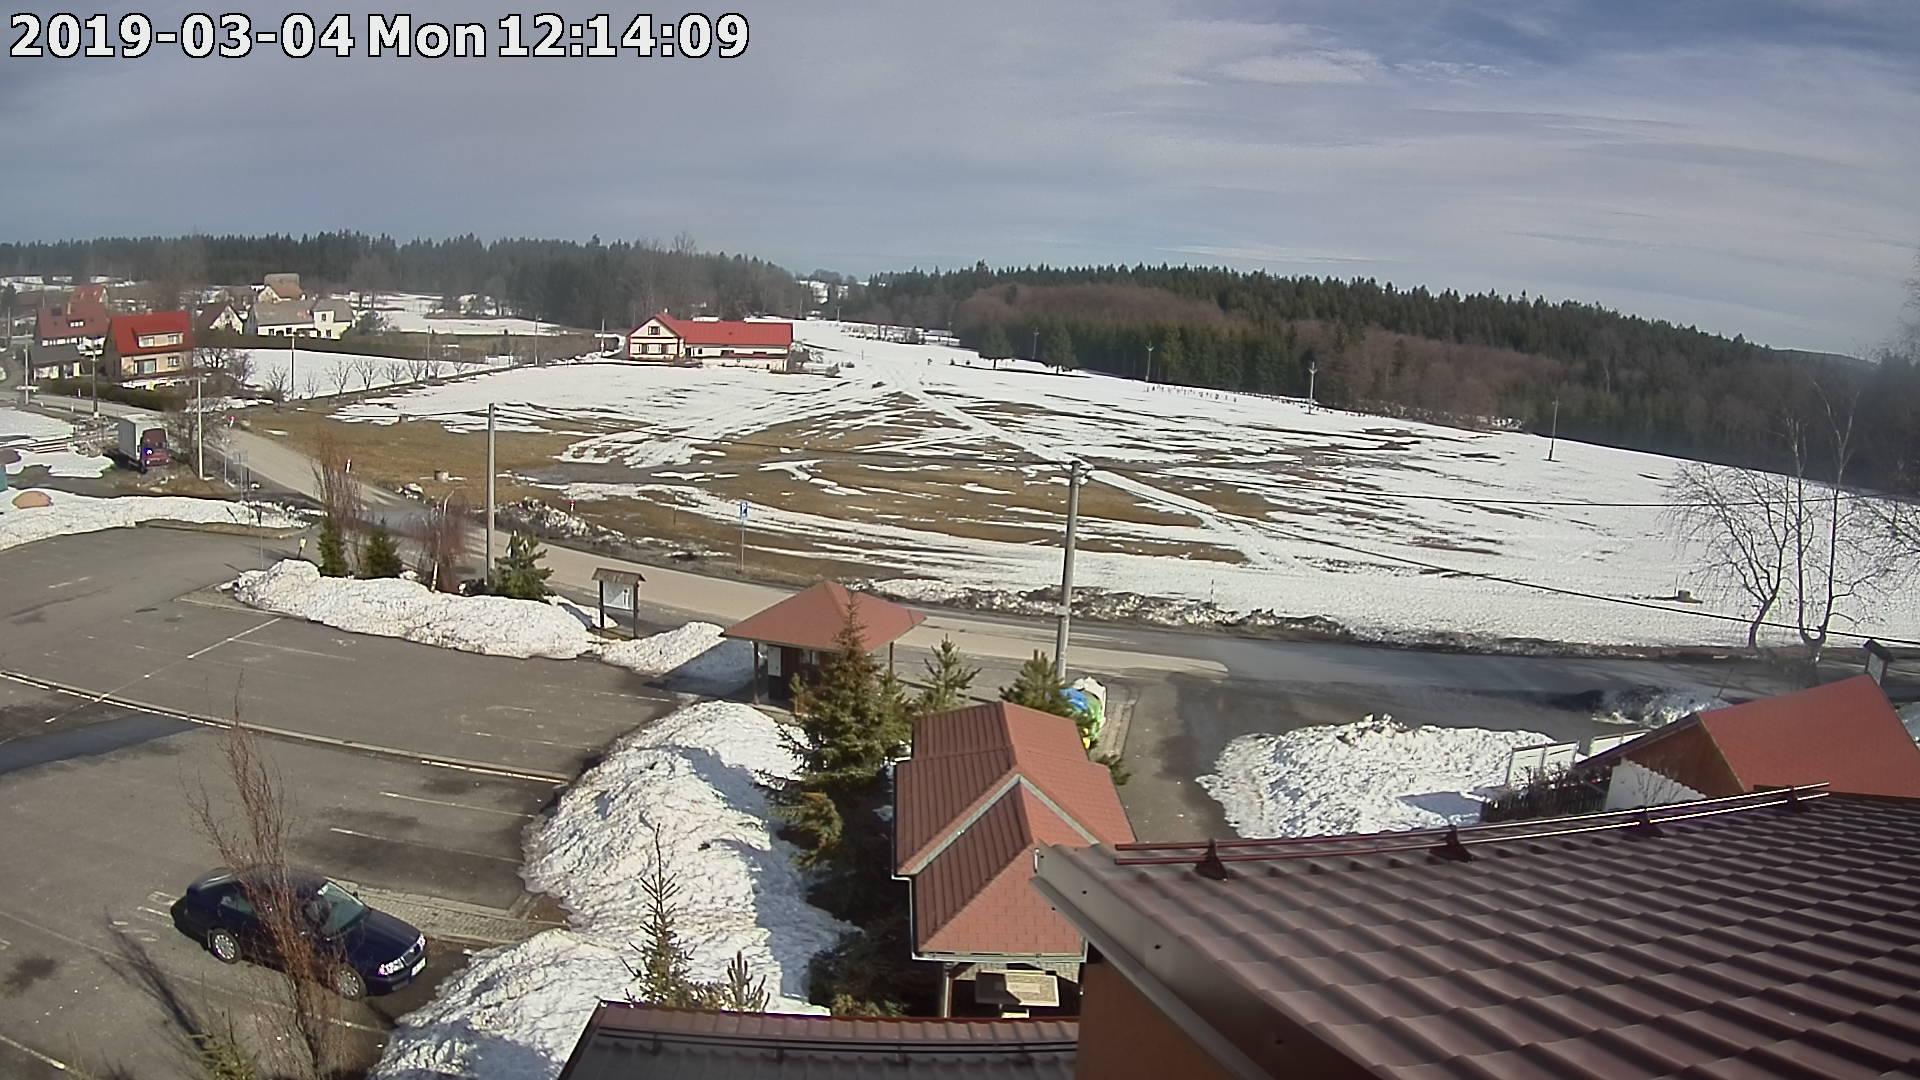 Webkamera ze dne 2019-03-04